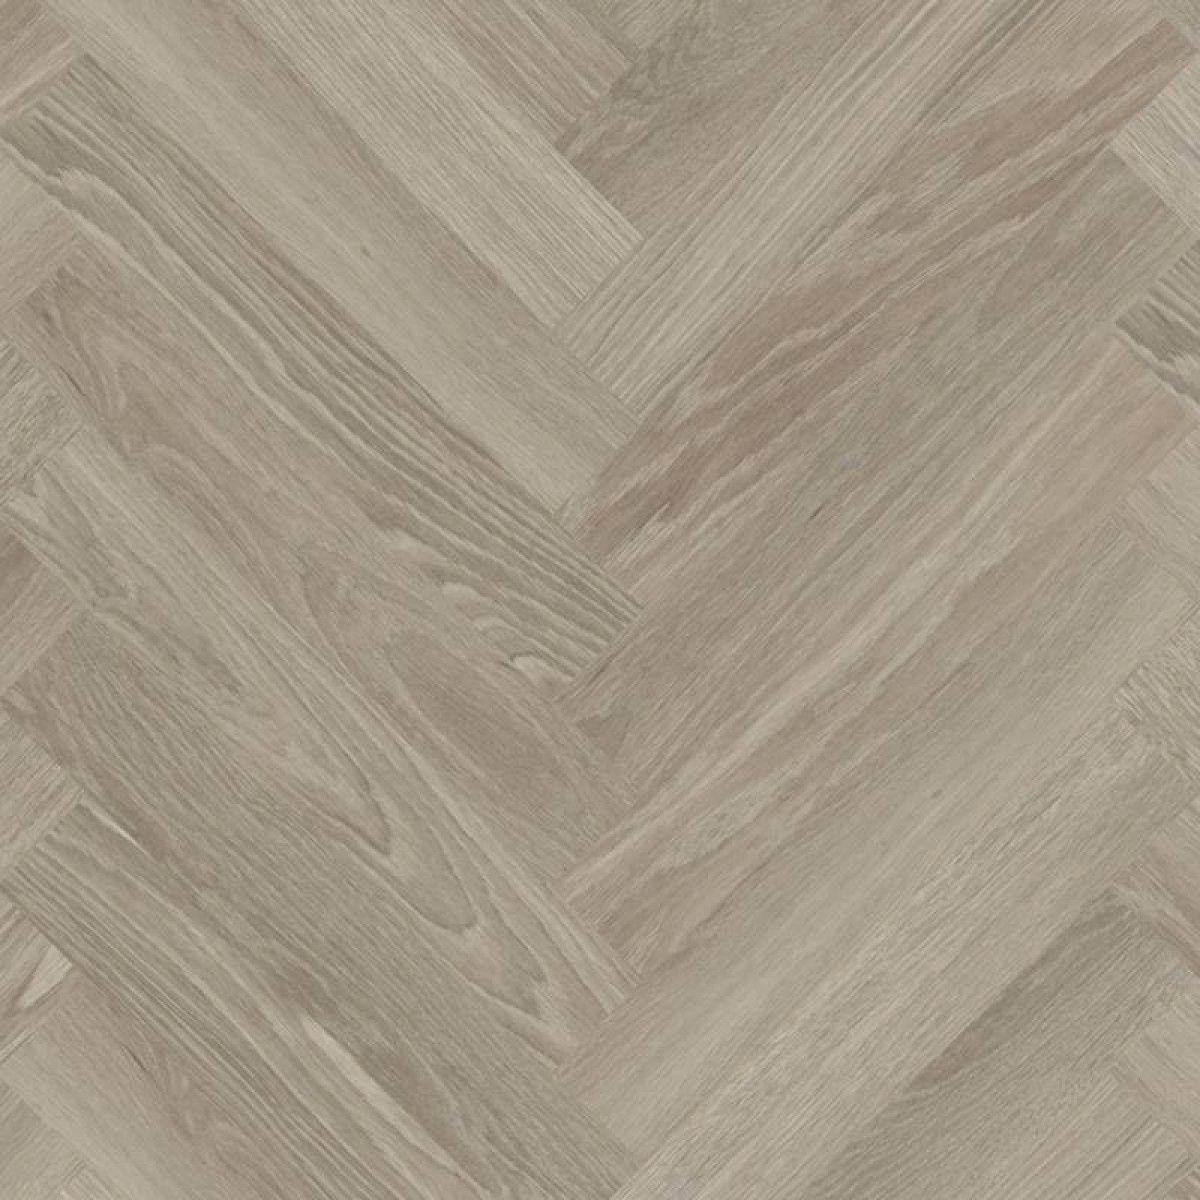 Image result for karndean.grey limed oak Vinyl flooring